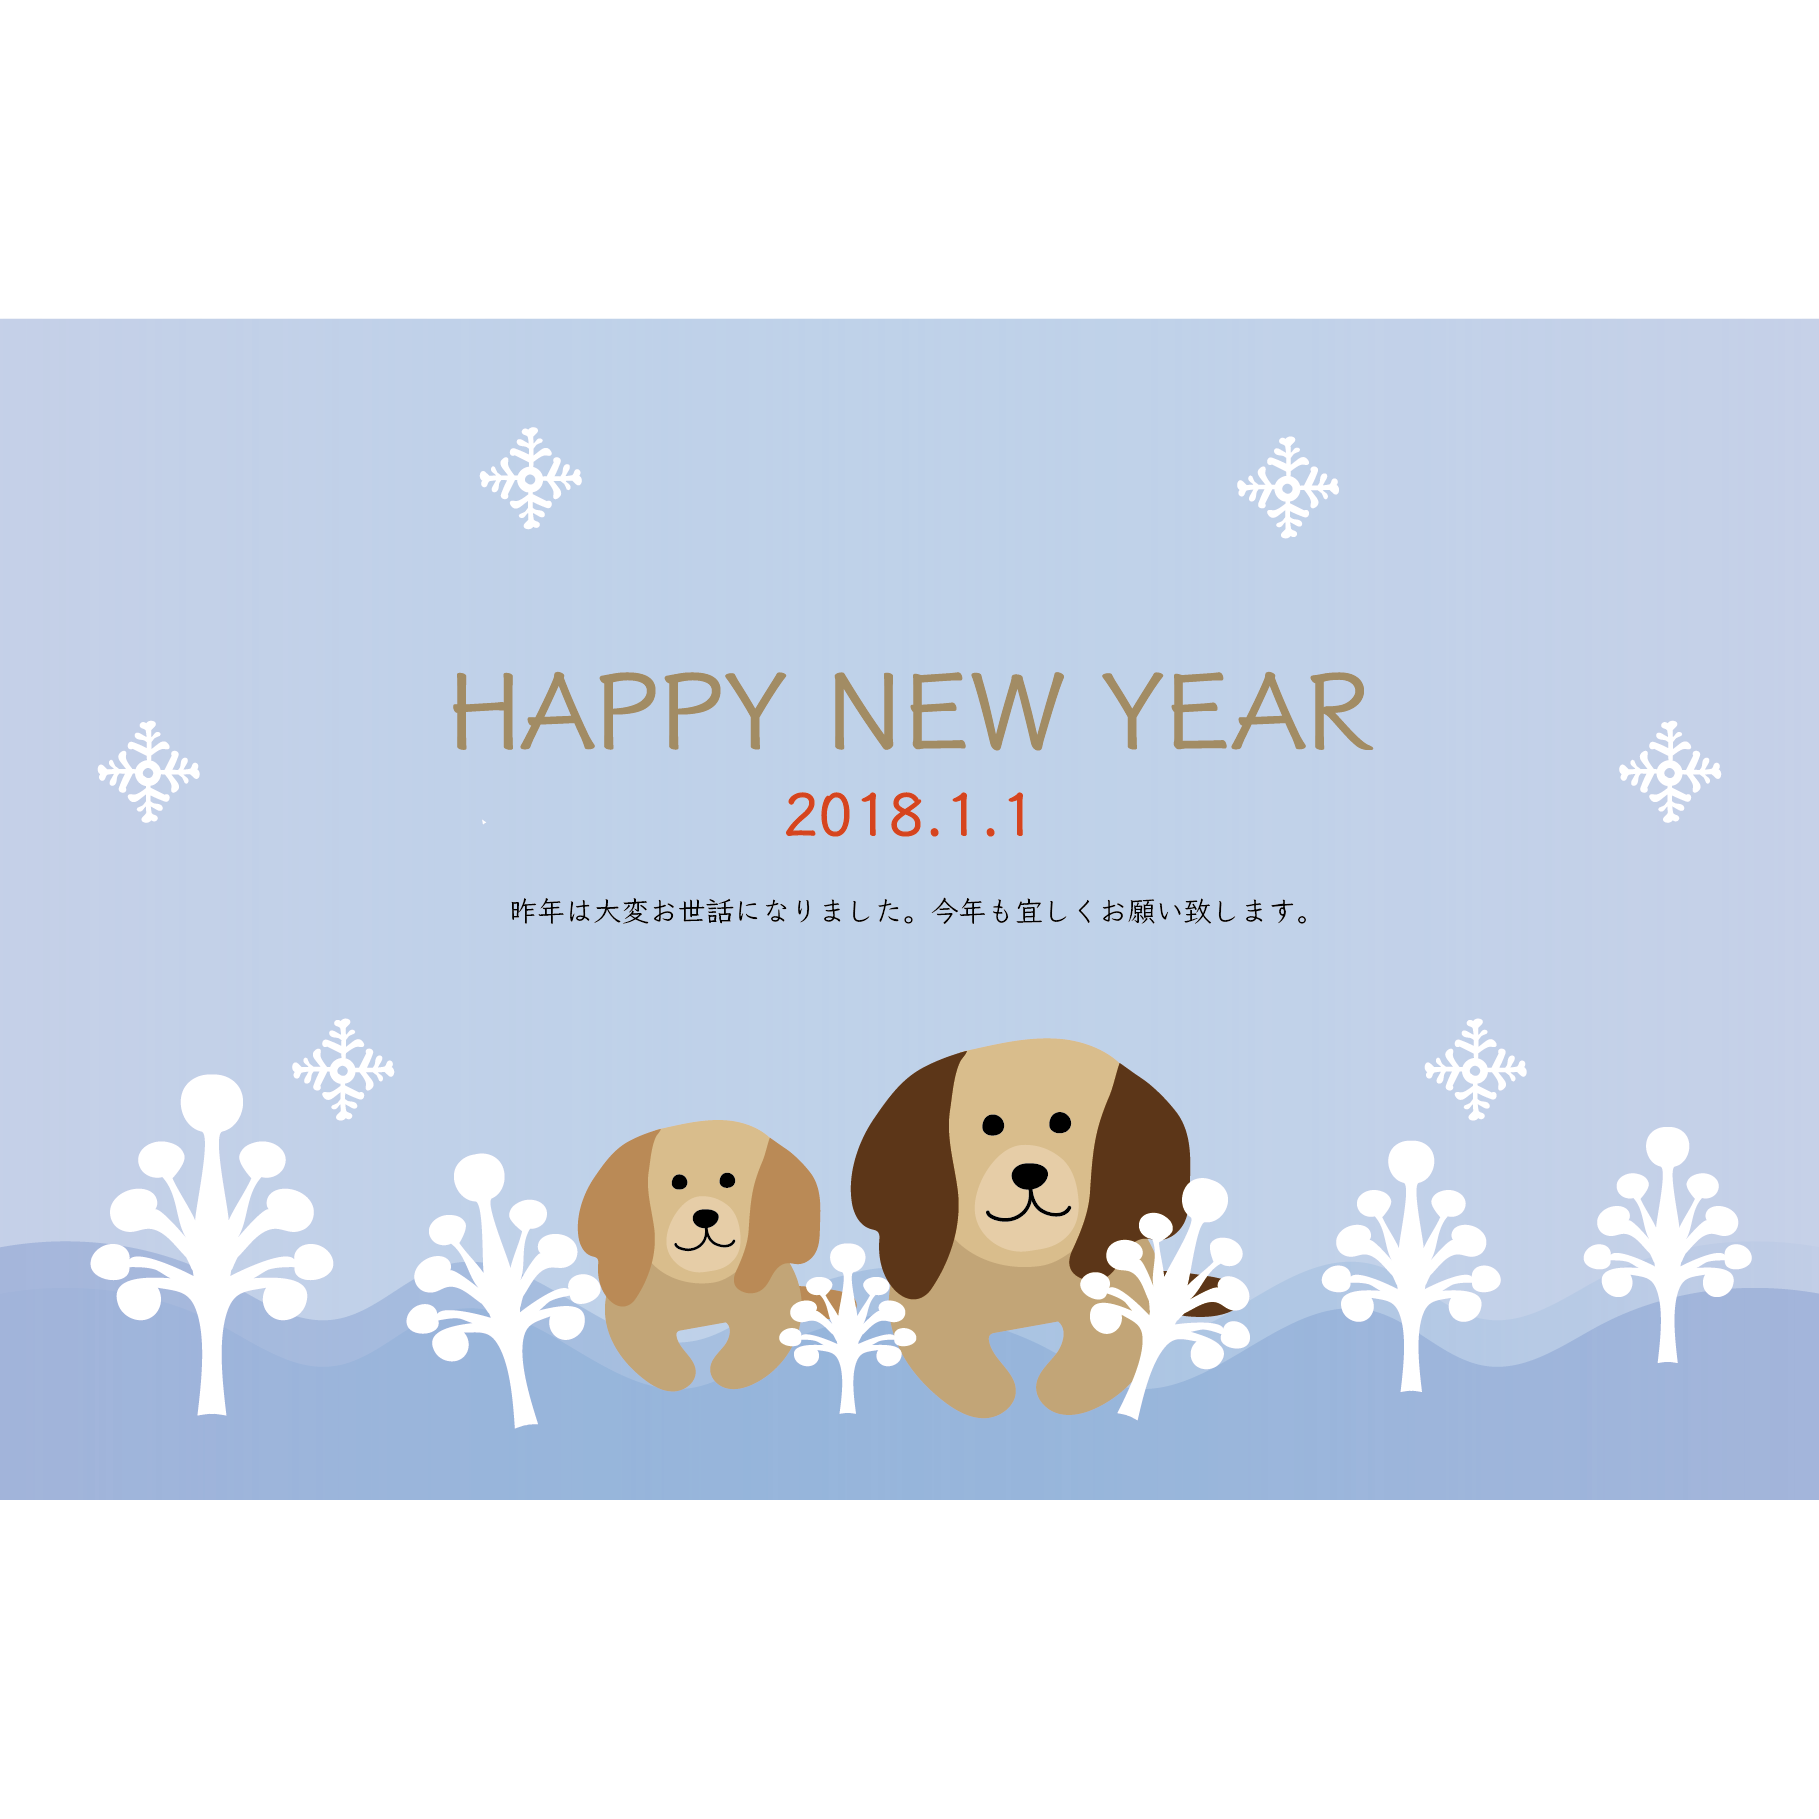 戌年の年賀状!かわいい犬の親子と結晶のイラスト 2018 横型 | 商用